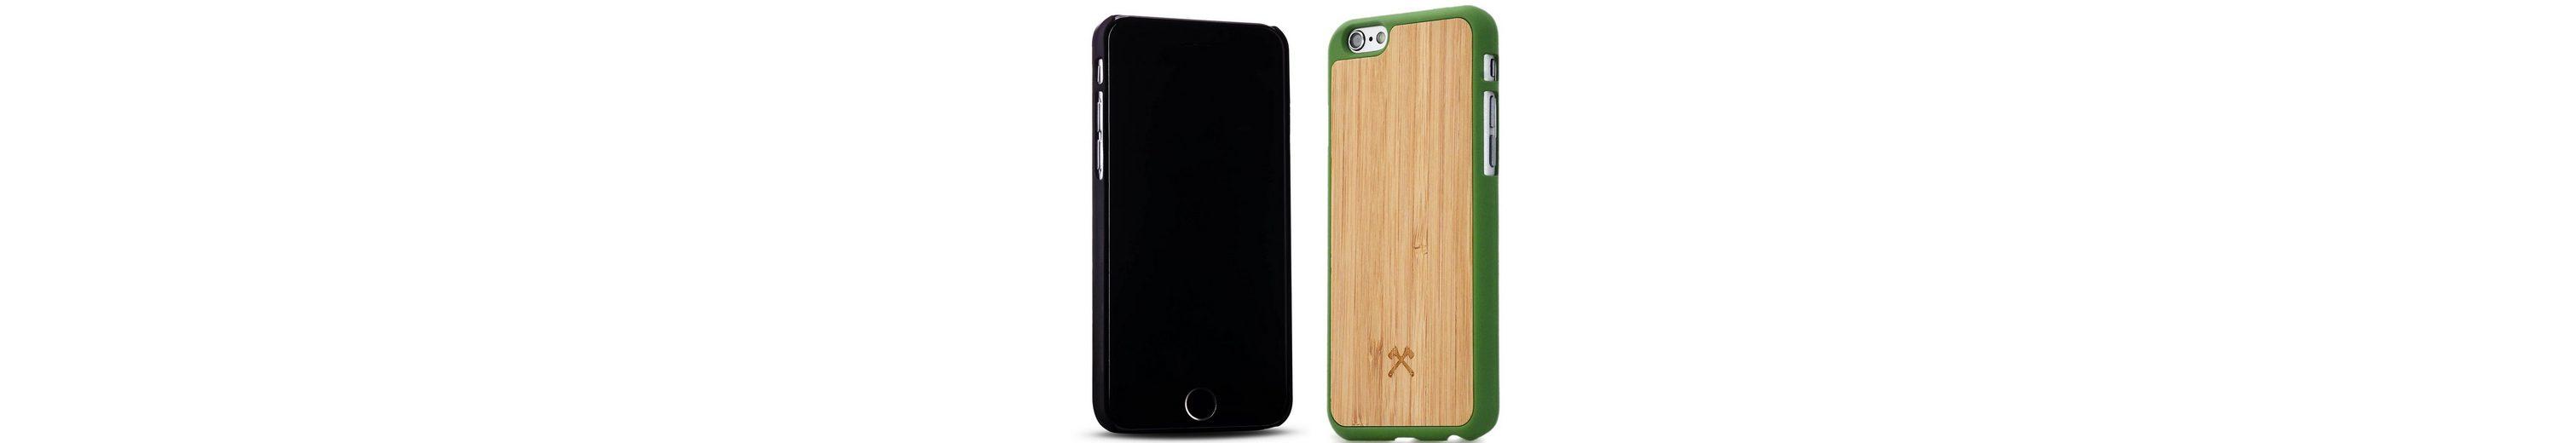 Woodcessories EcoCase - iPhone 6 Plus / 6s Plus Echtholz Case - Ralph